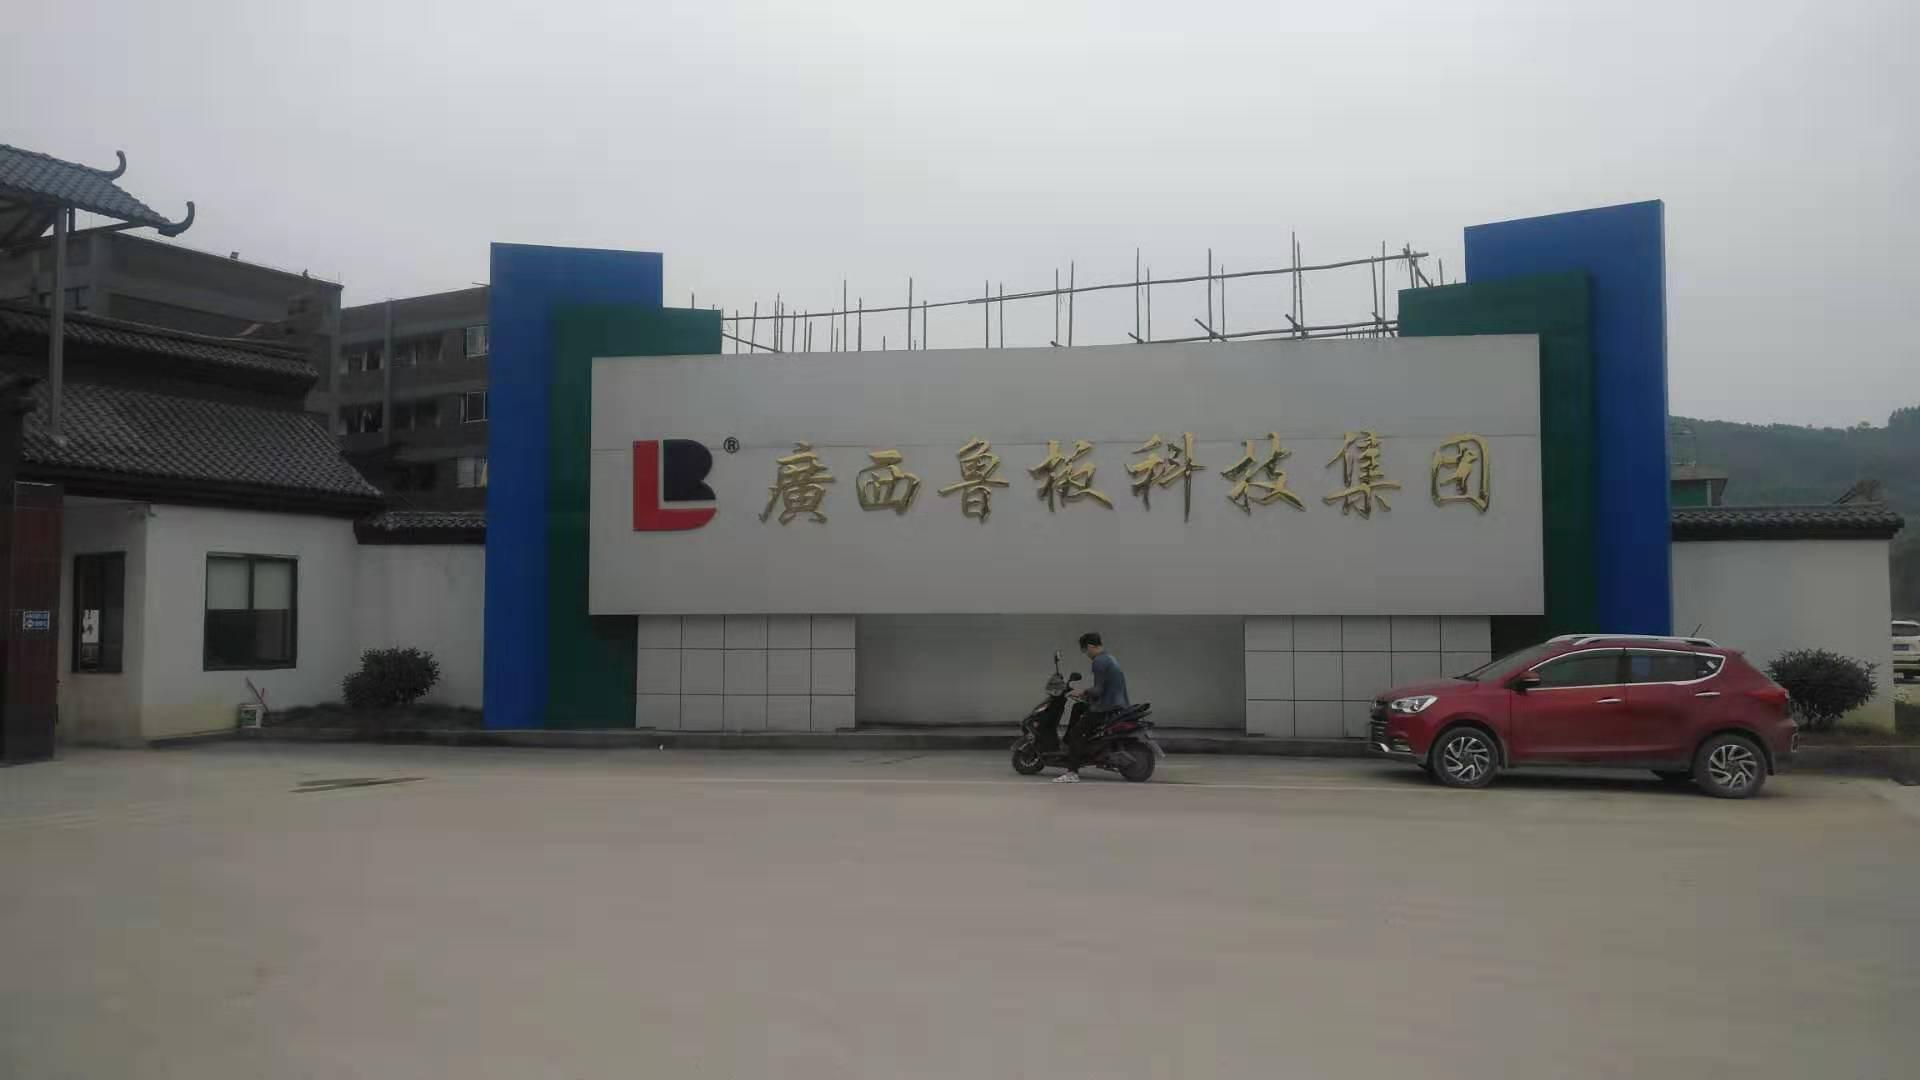 Hebei Shengzhuo Construction Equipment Manufacturing Co., Ltd. Guangxi Branch